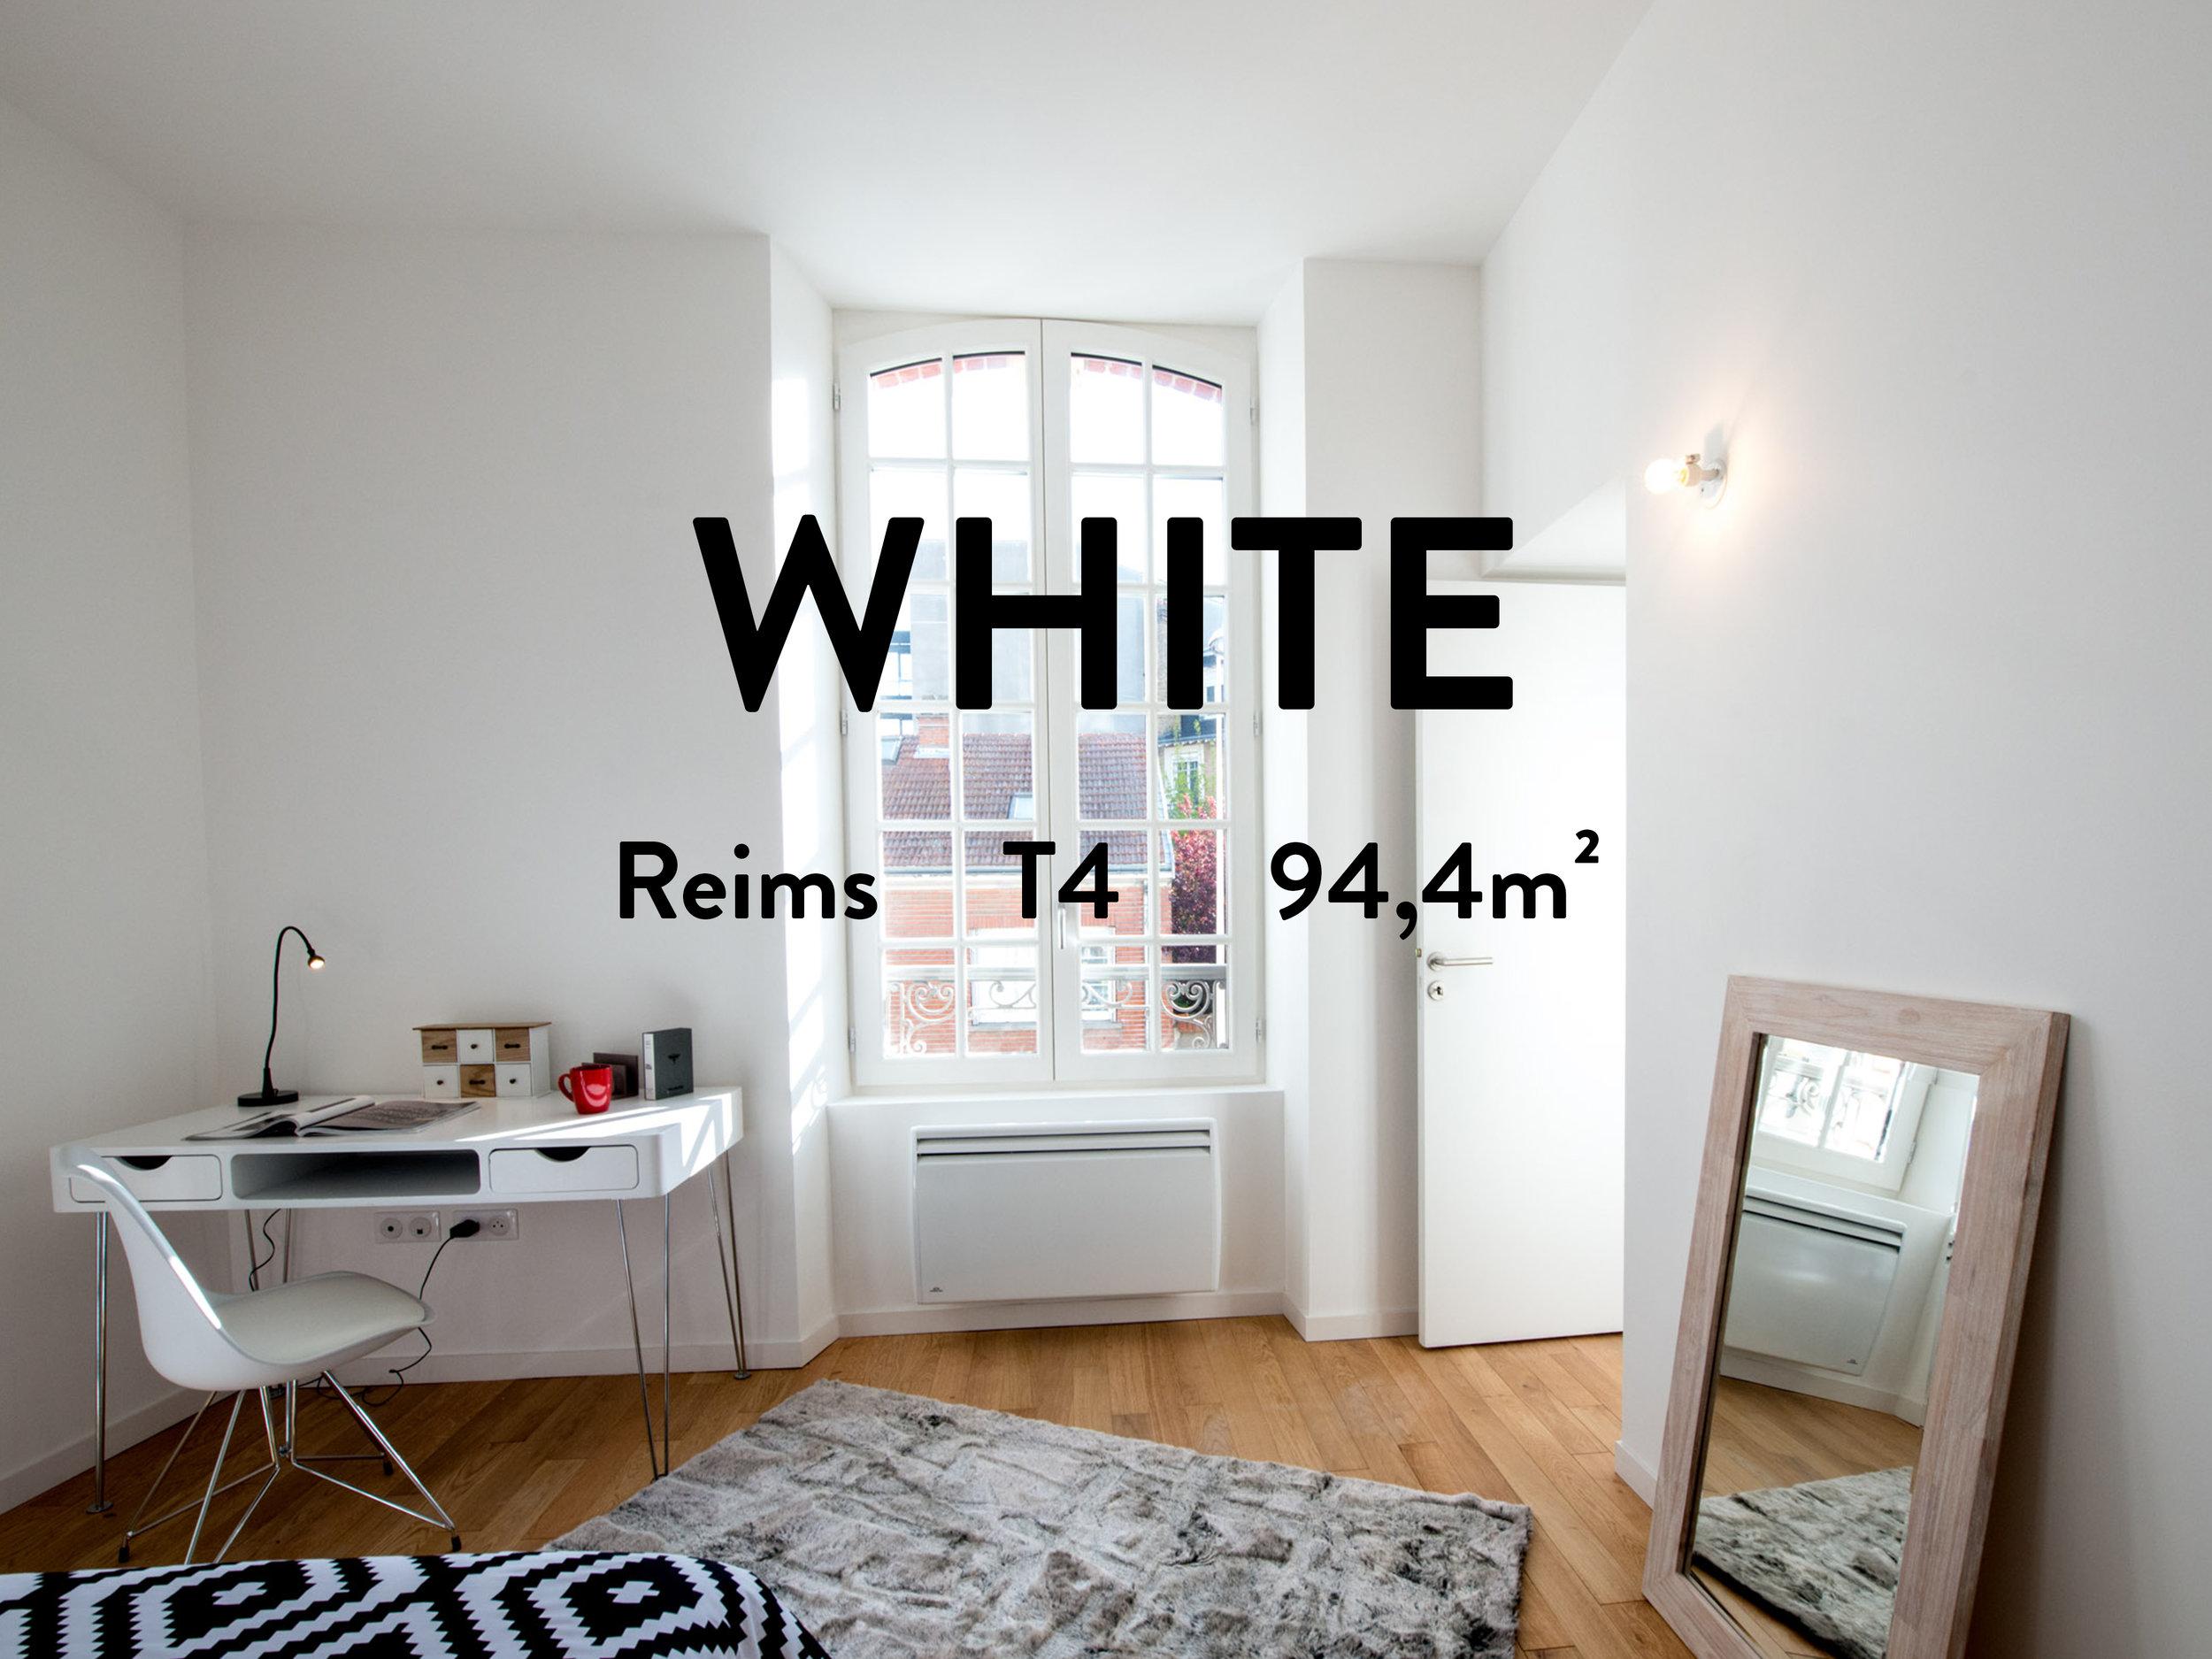 appartement hyper centre ville reims 3 chambres